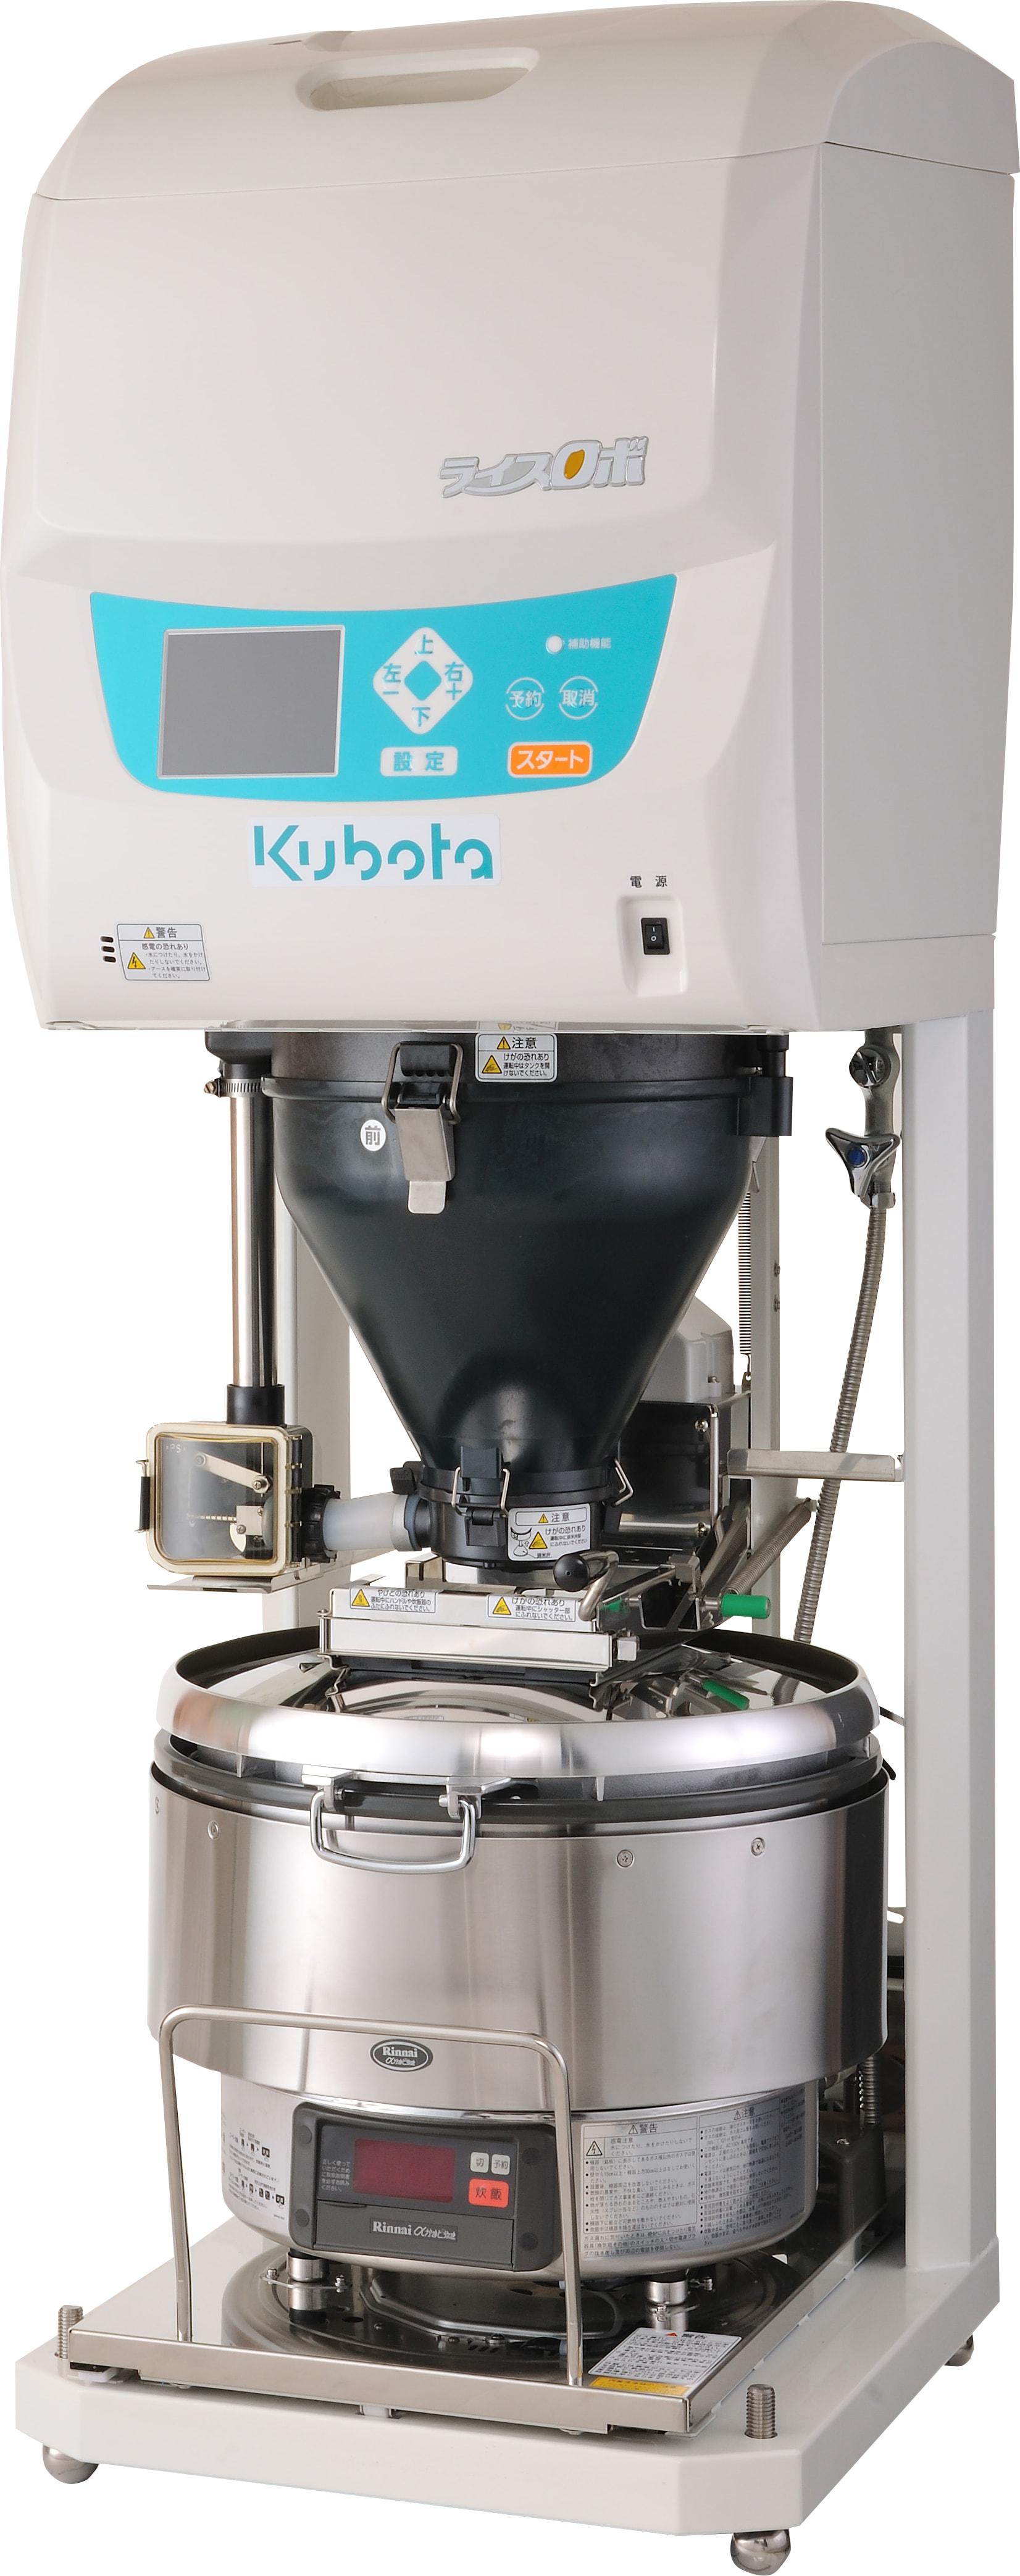 業務用の厨房機器、厨房設備の製造・販売・メンテナンスサポートを行っています